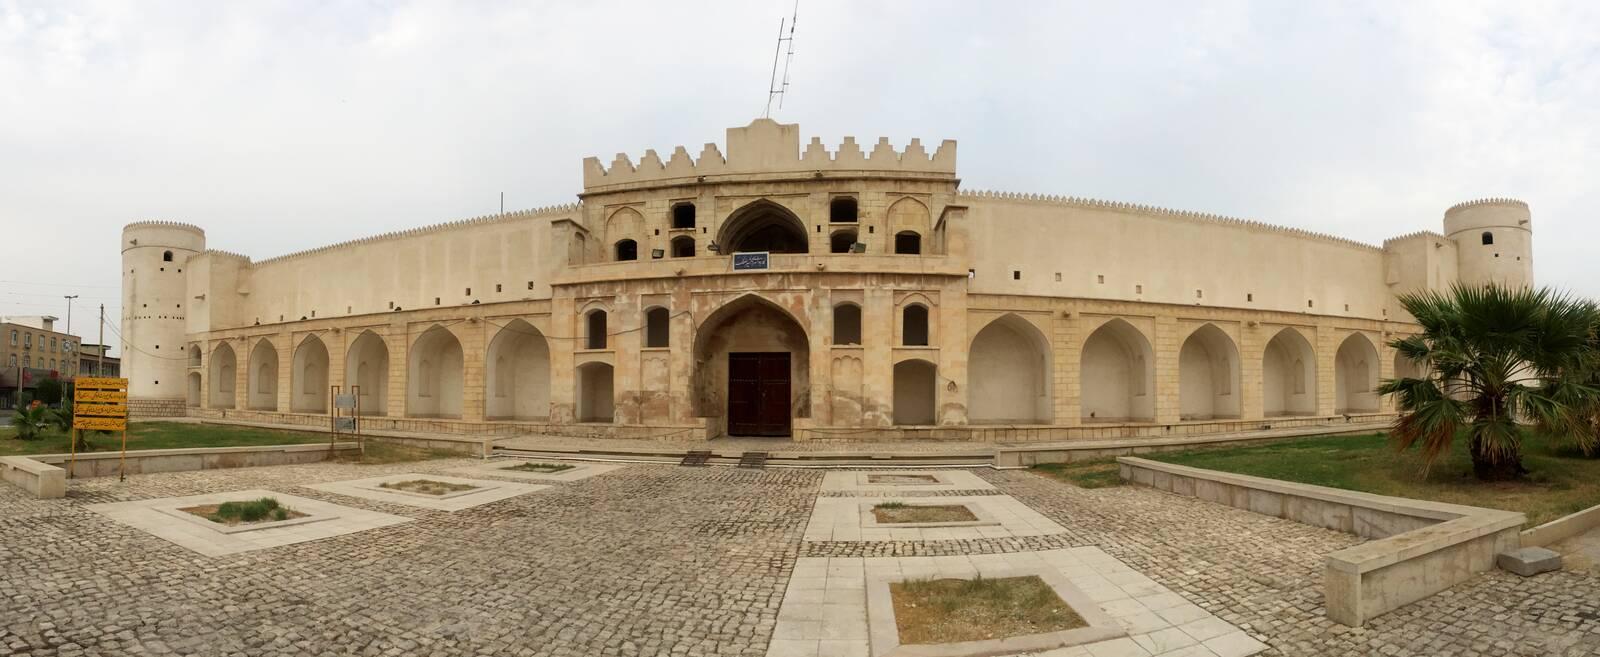 کاروانسرای مشیر الملک یا دژ برازجان، گردشگری بوشهر